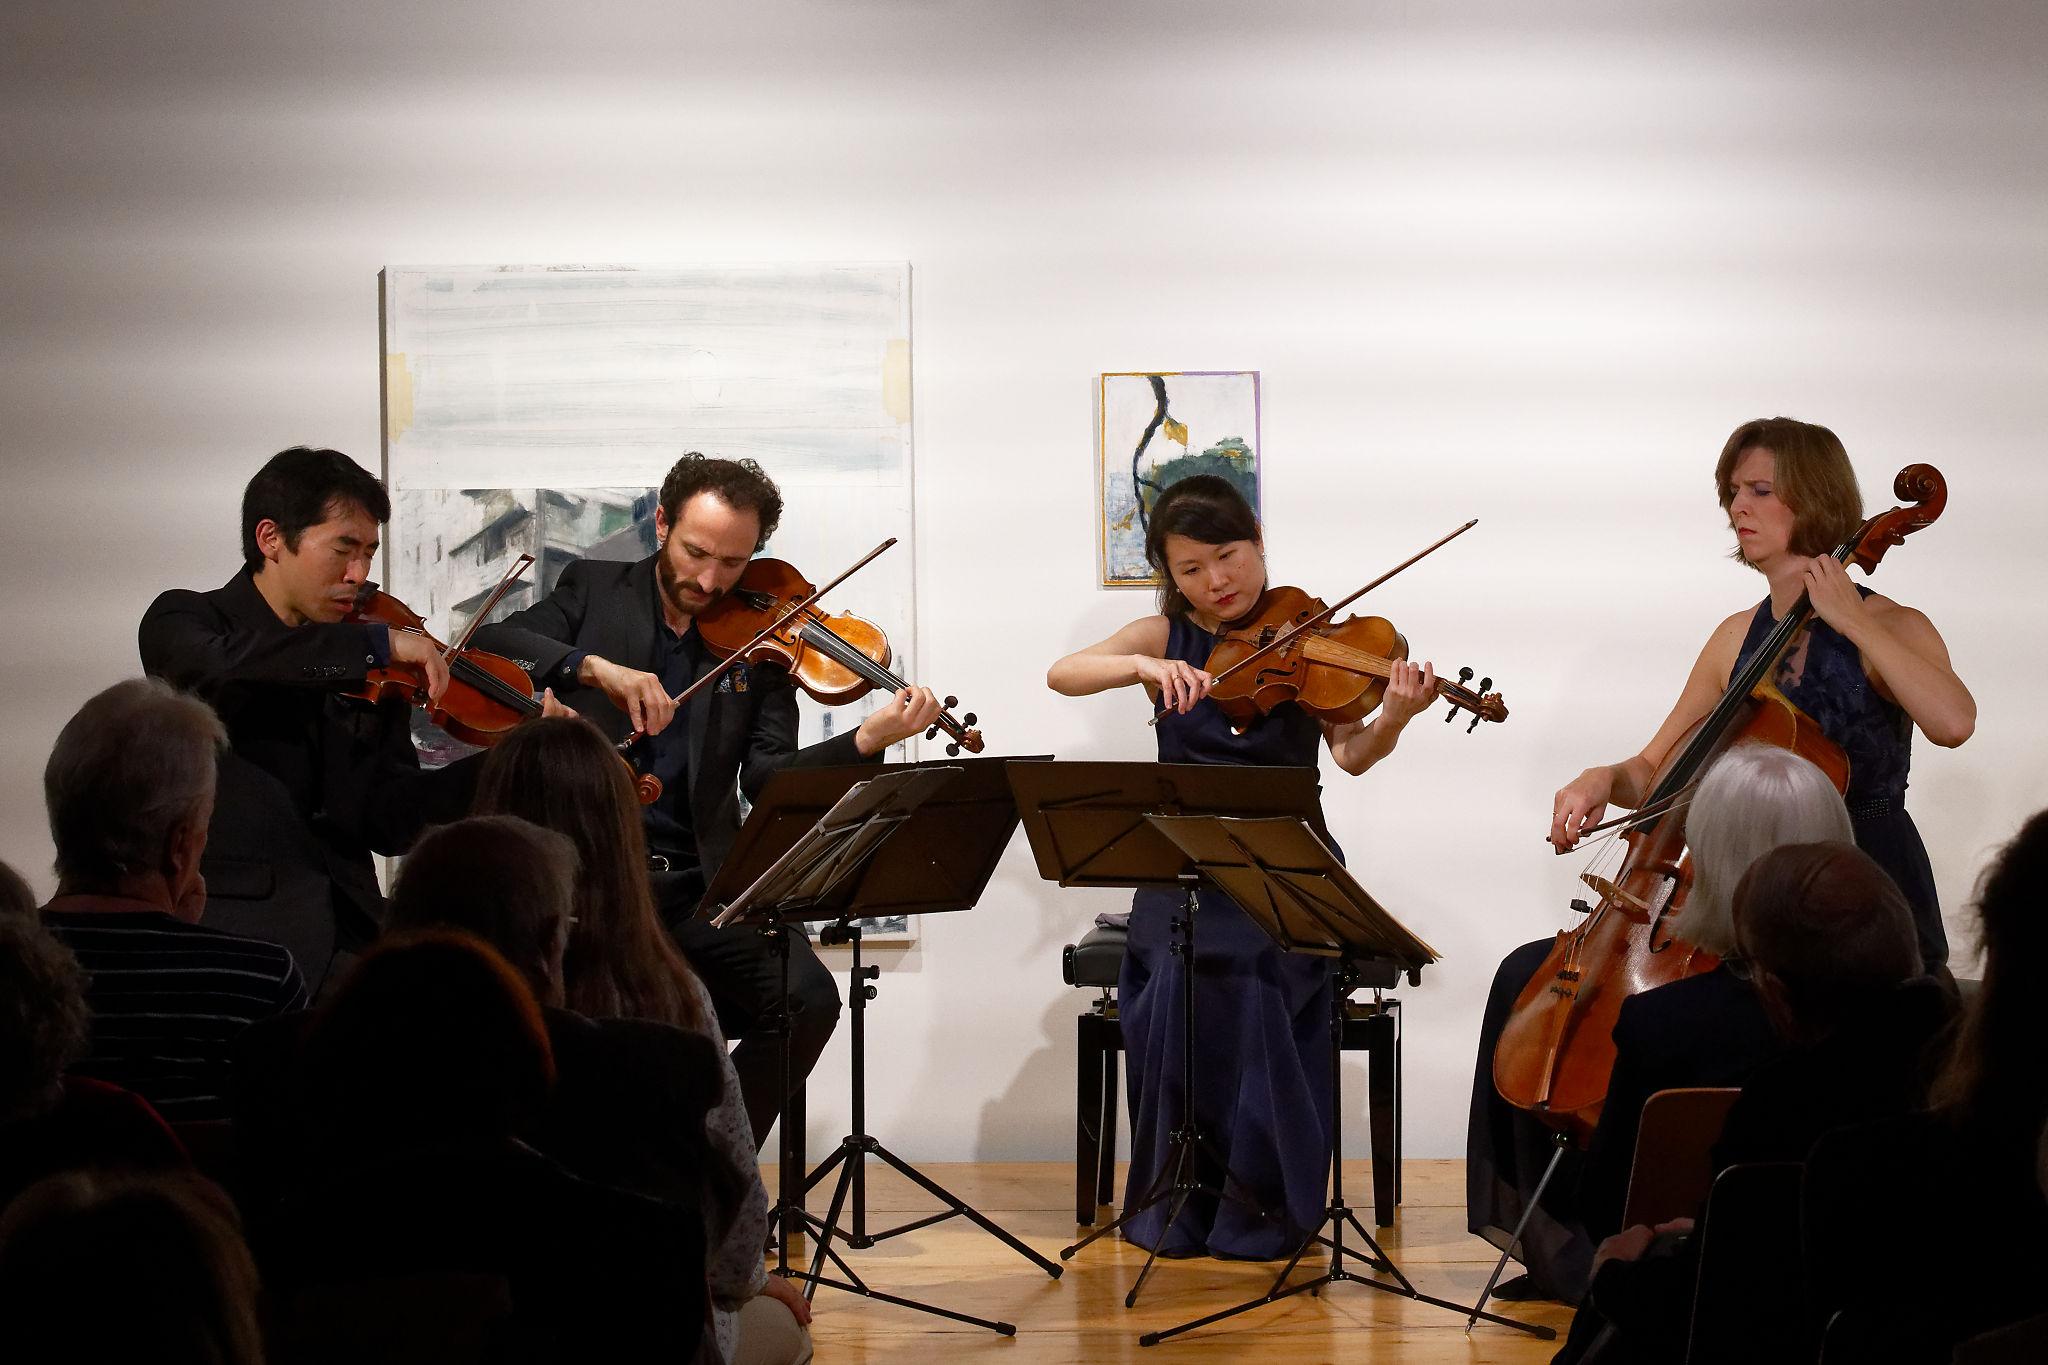 Pacific Quartet Vienna @ Zimmermannhaus Brugg, 2019-11-30 (© Rolf Kyburz)